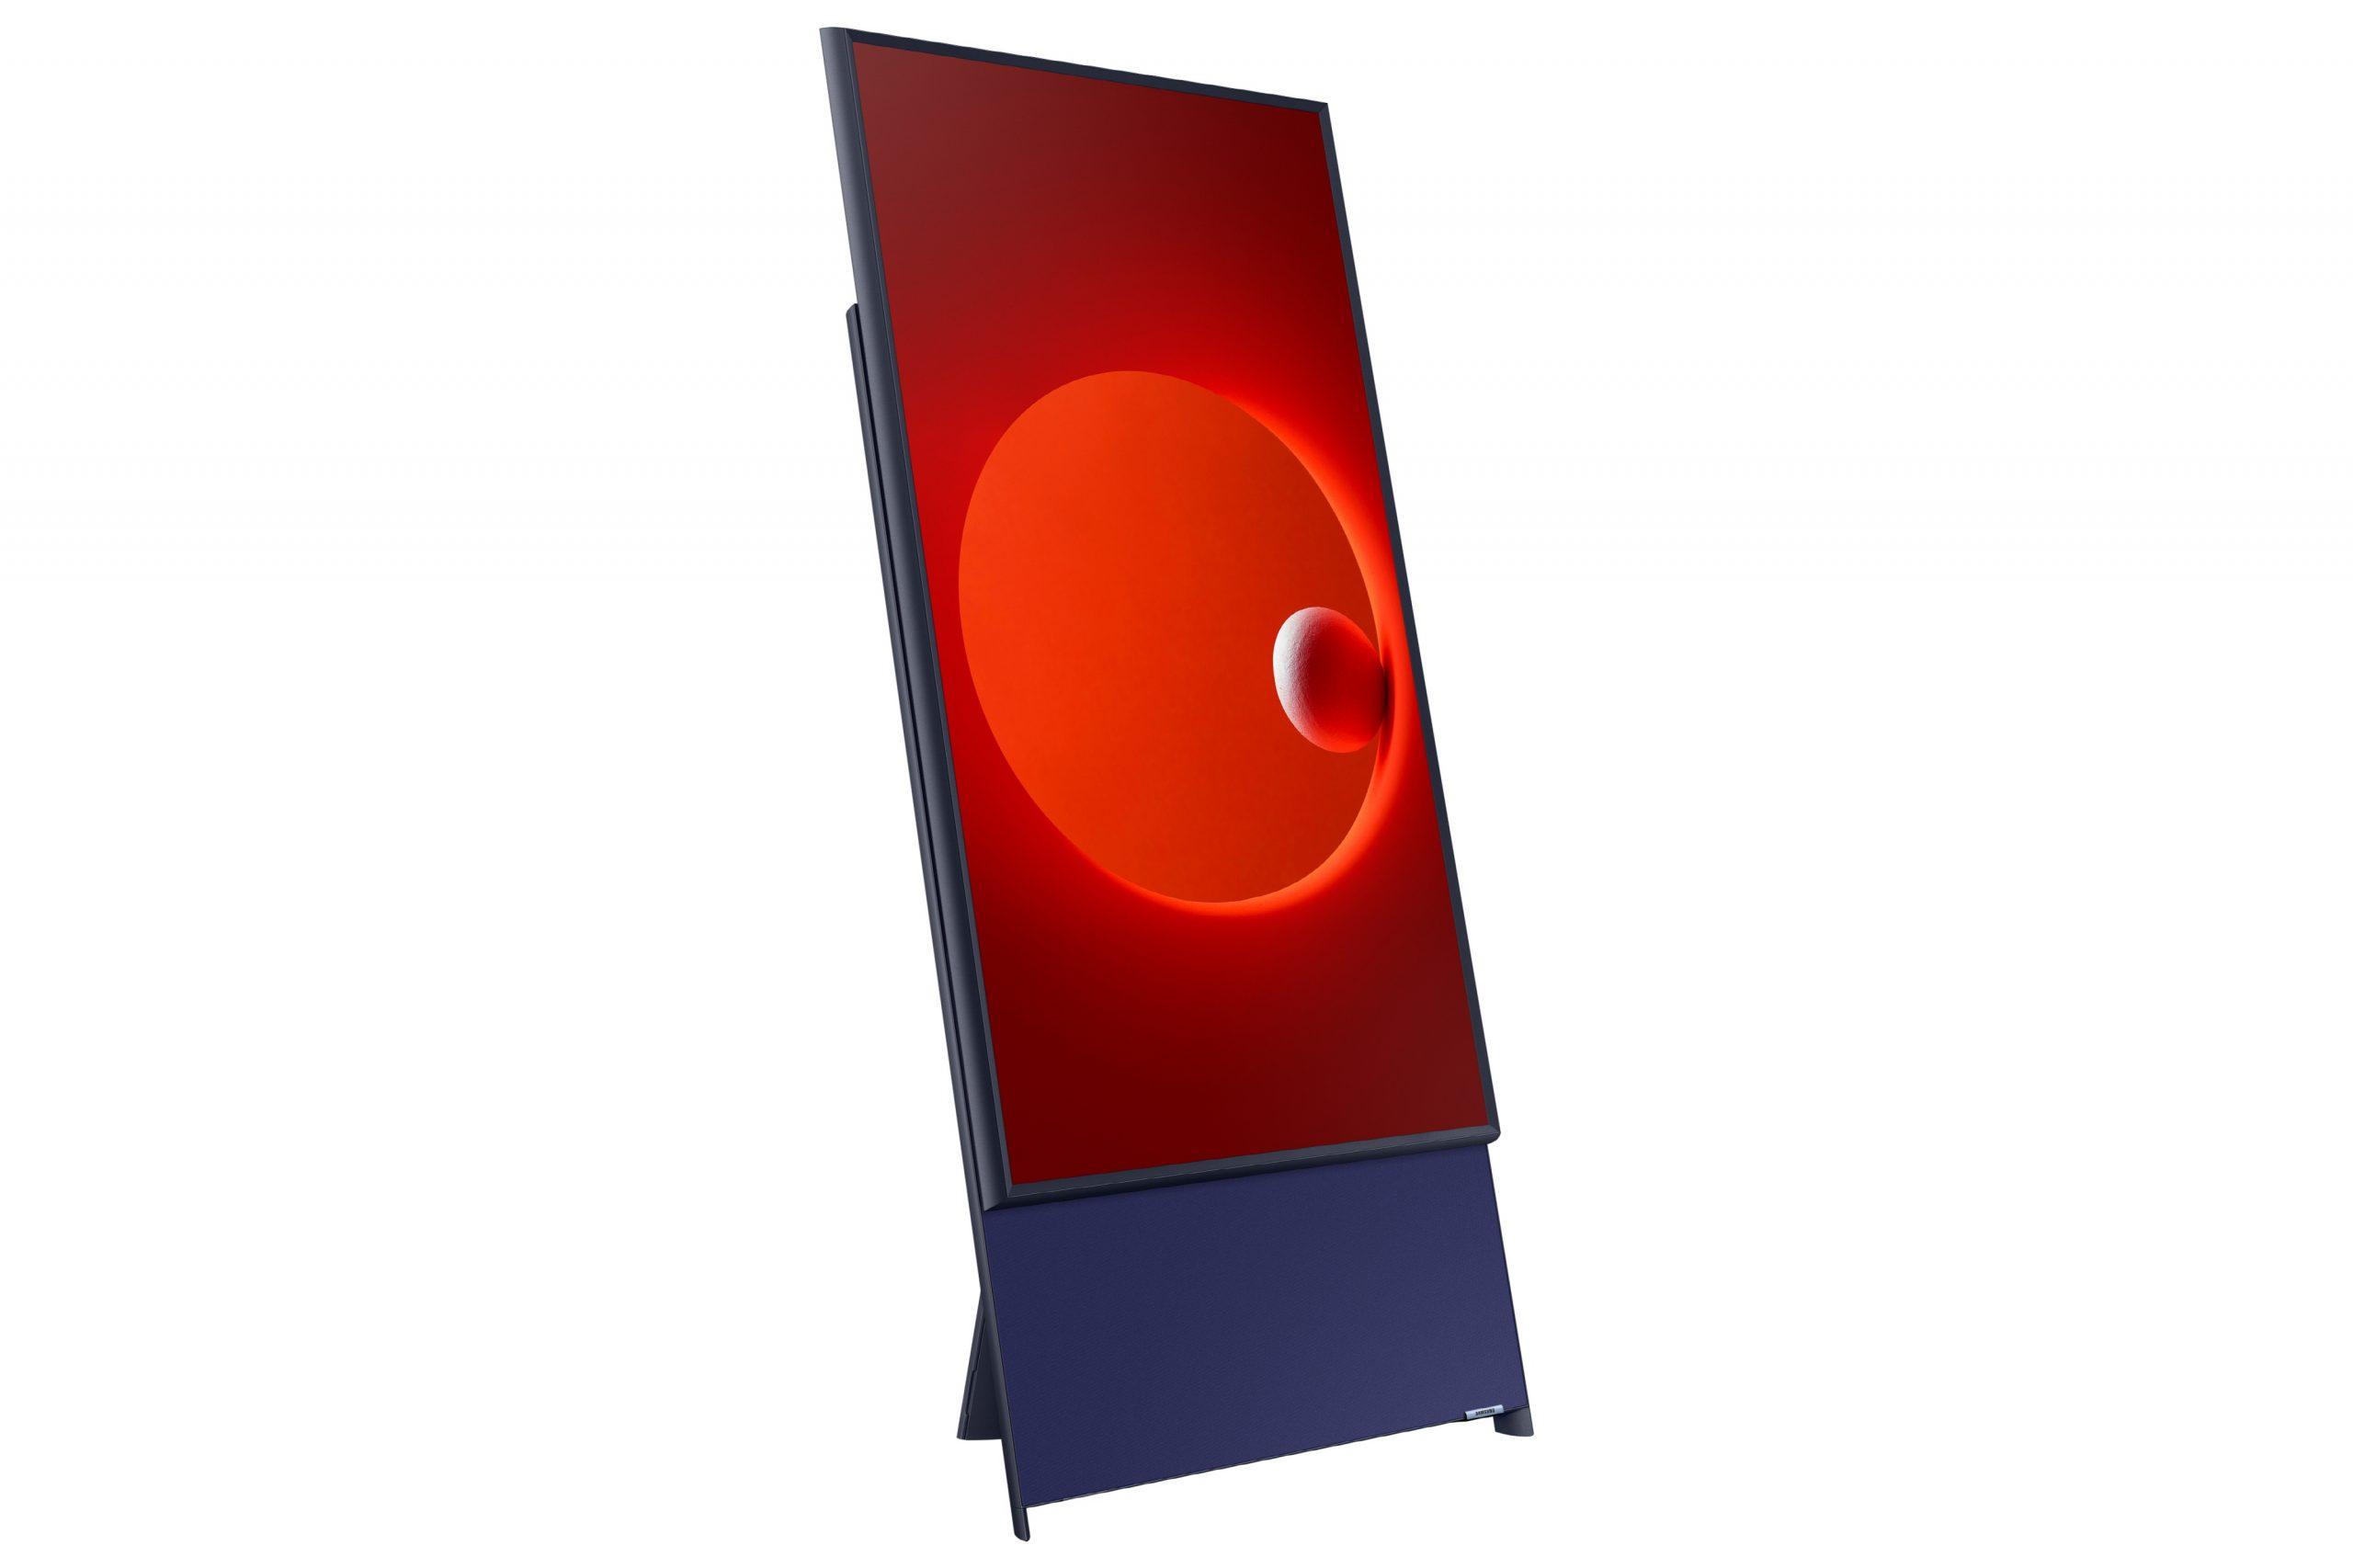 Samsung ra mắt các dòng TV mới MicroLED, QLED 8K và Lifestyle trước CES 2020 3